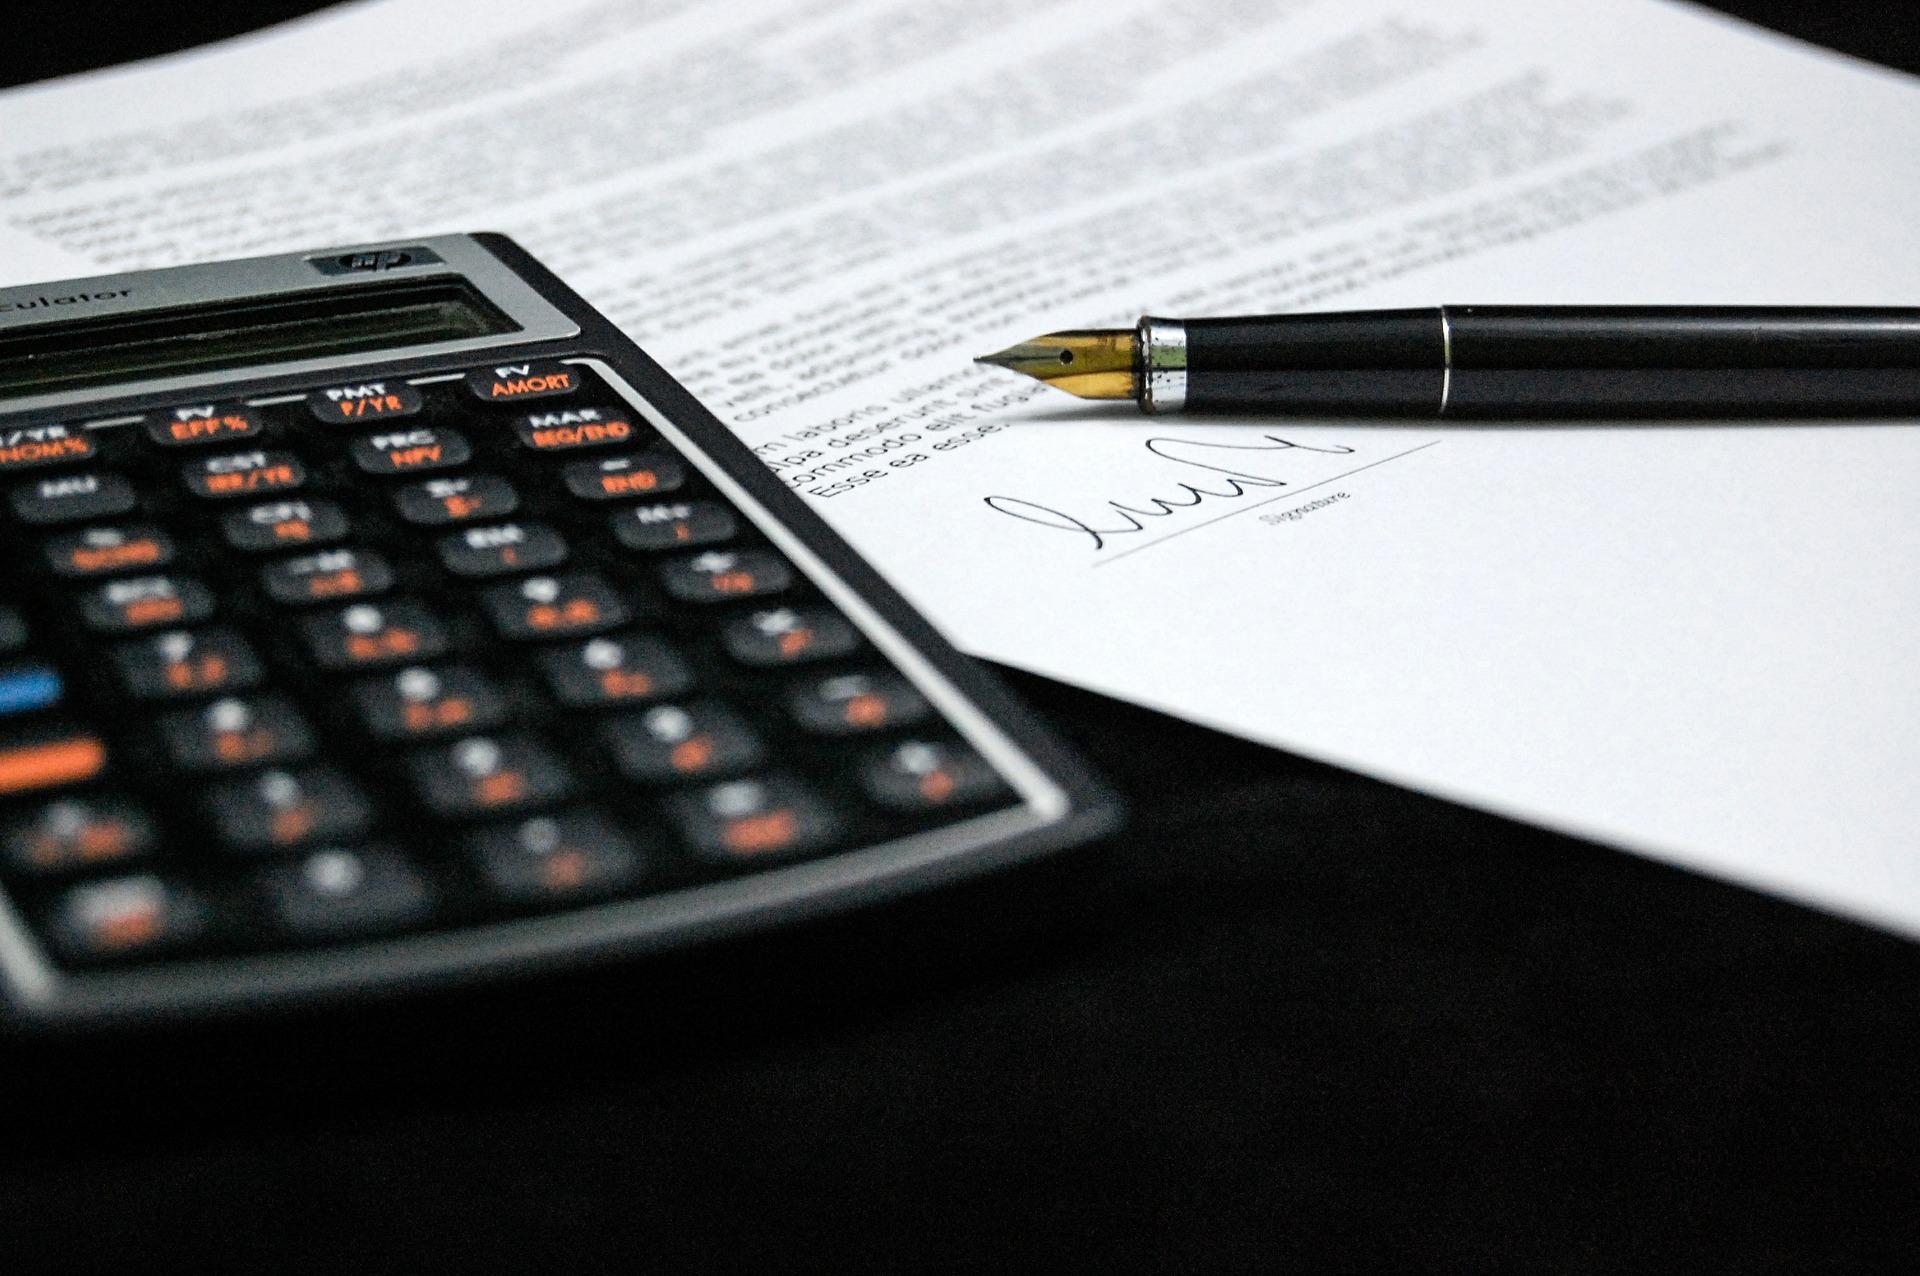 Predloženej novele zákona o verejnom obstarávaní chýba výnimka pre nákup zdravých potravín do škôl